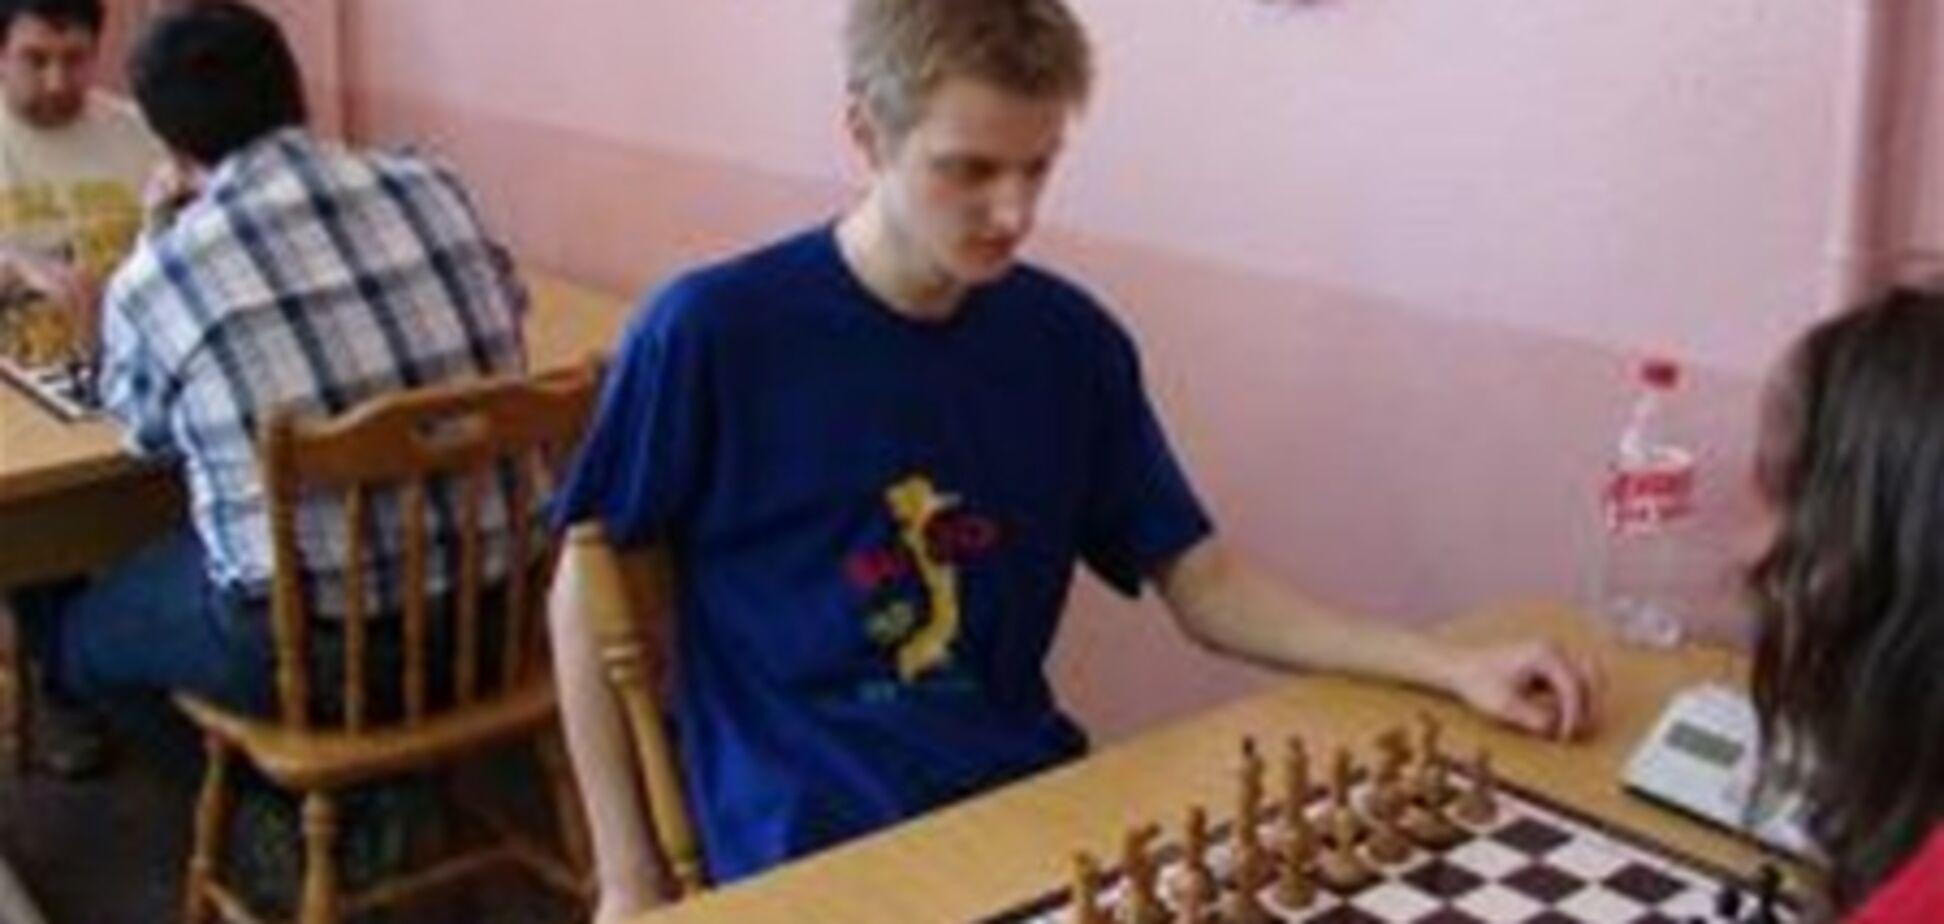 Надежда украинских шахмат Станислав Богданович: 'У меня нет фактически ничего'